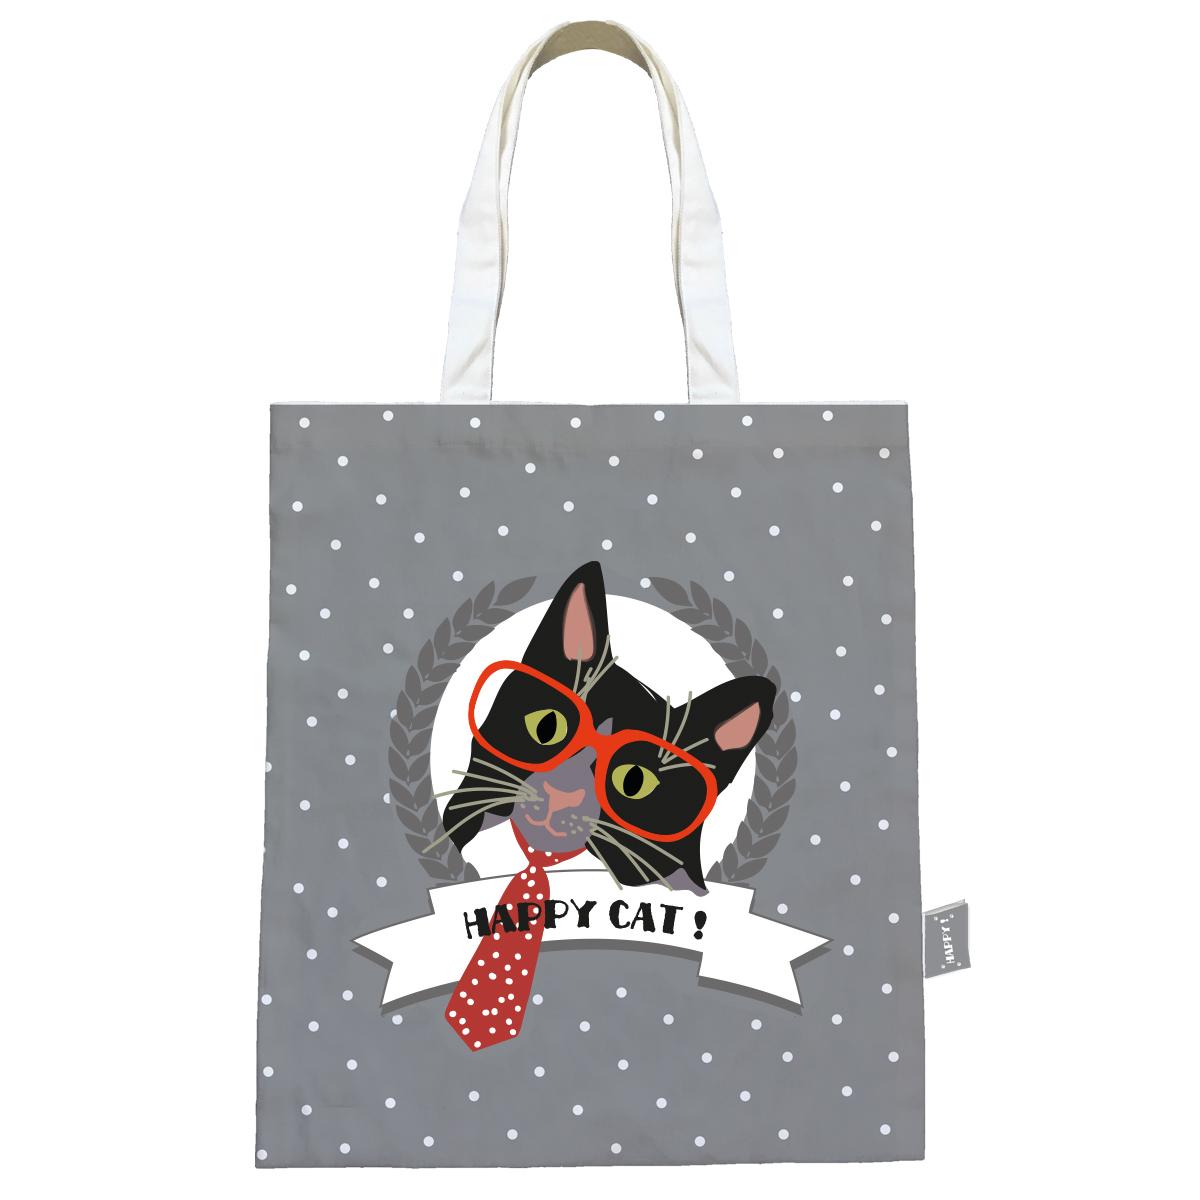 Sac coton / tote bag \'Happy Cat\' gris (cravate) - 44x38 cm - [Q0593]